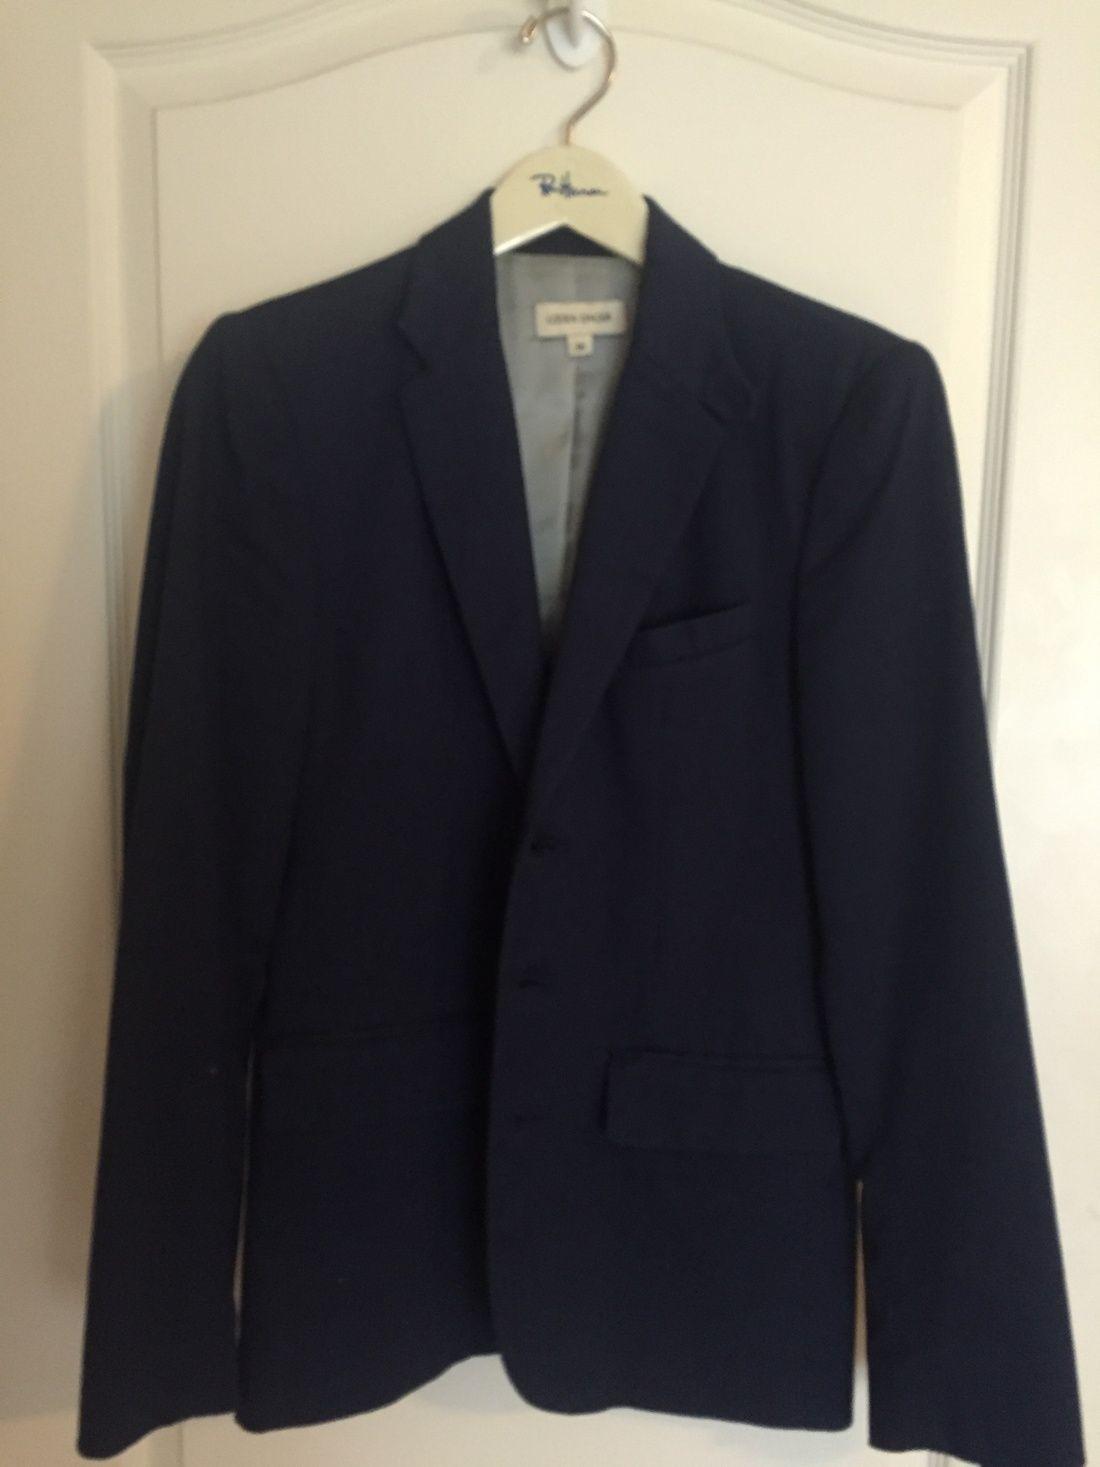 Loden Dager Crisp Blazer Size 36s $94 - Grailed | tops / upper ...